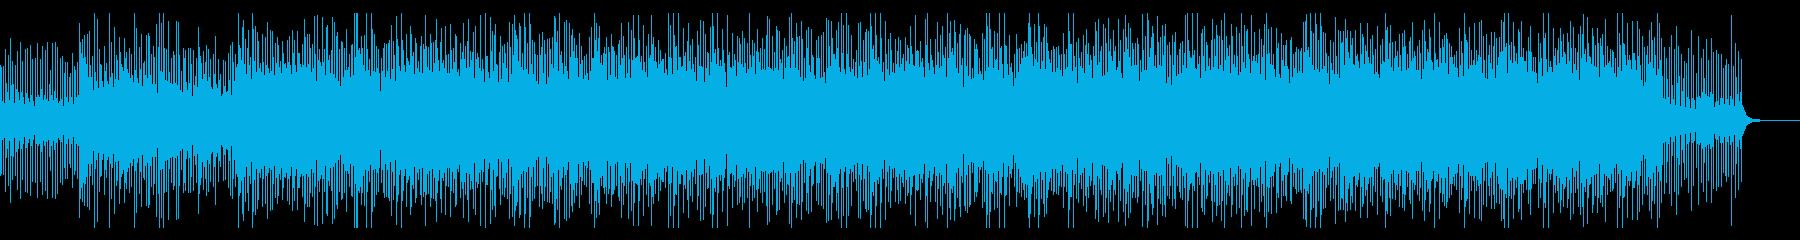 爽やか生音系ギターピアノの再生済みの波形